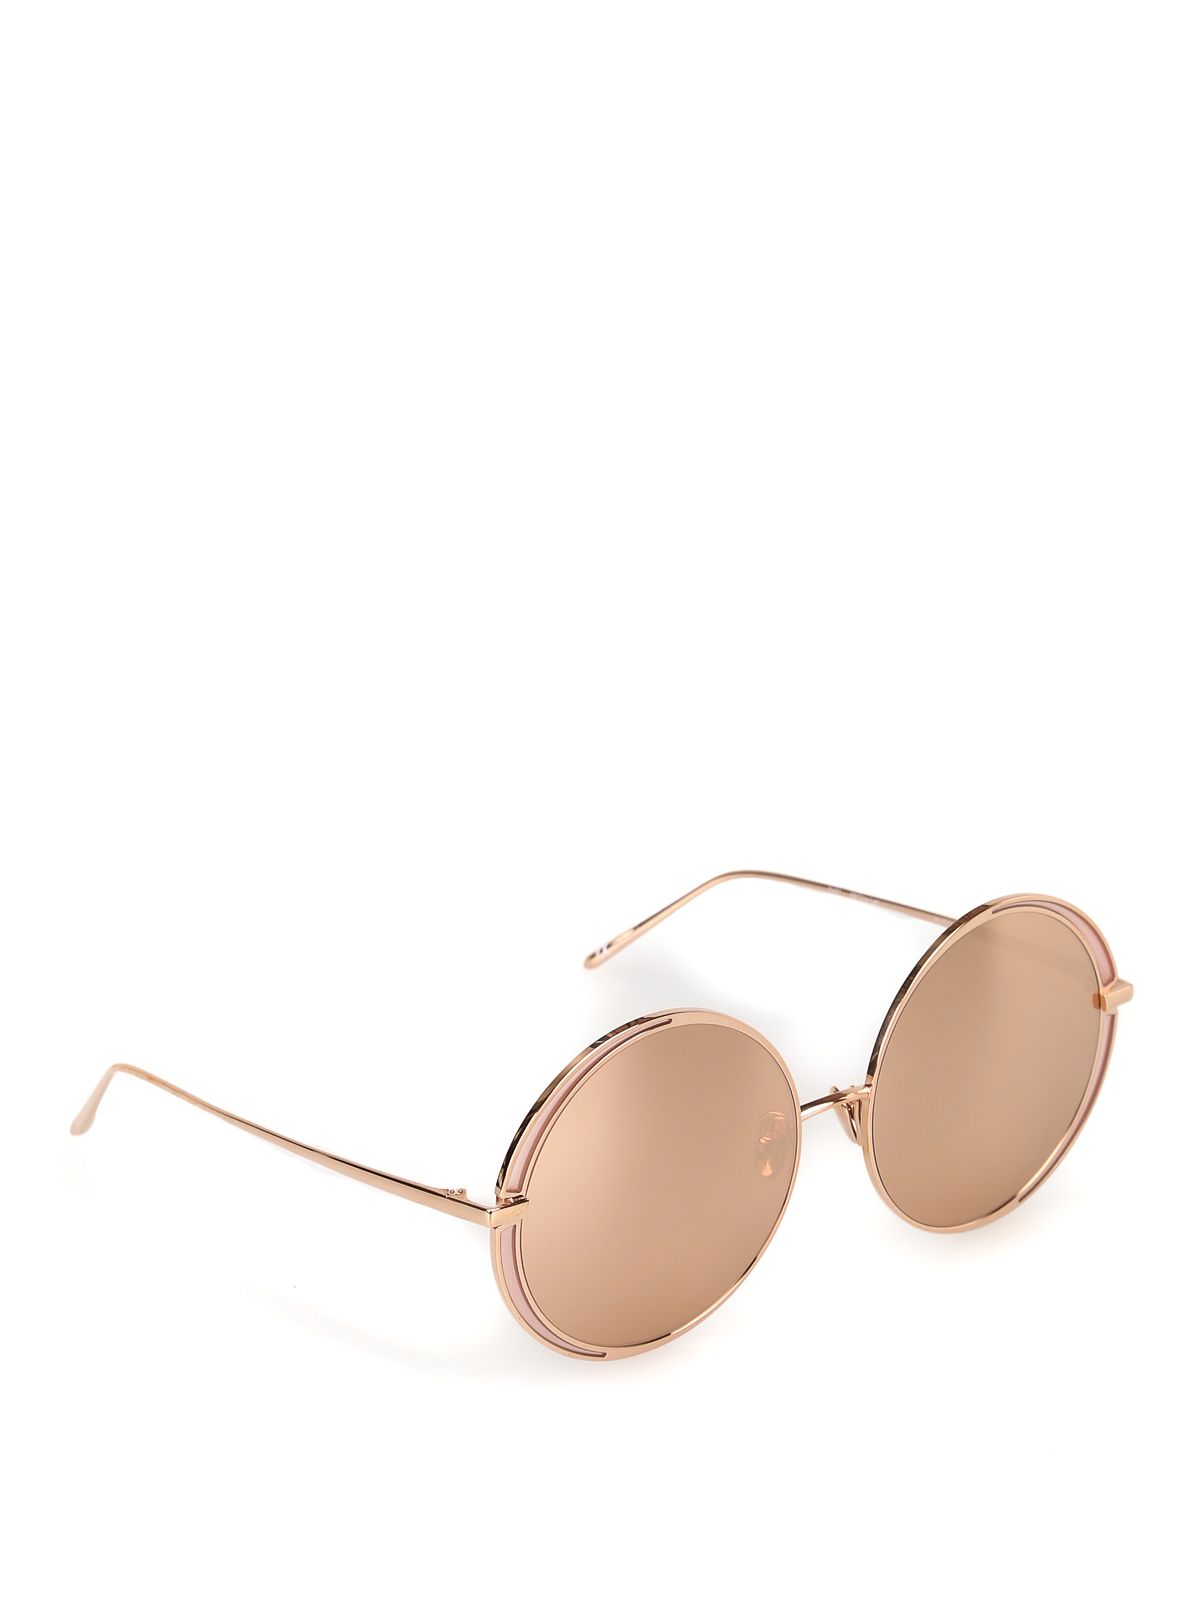 Linda Farrow Brown Acetate Sunglasses